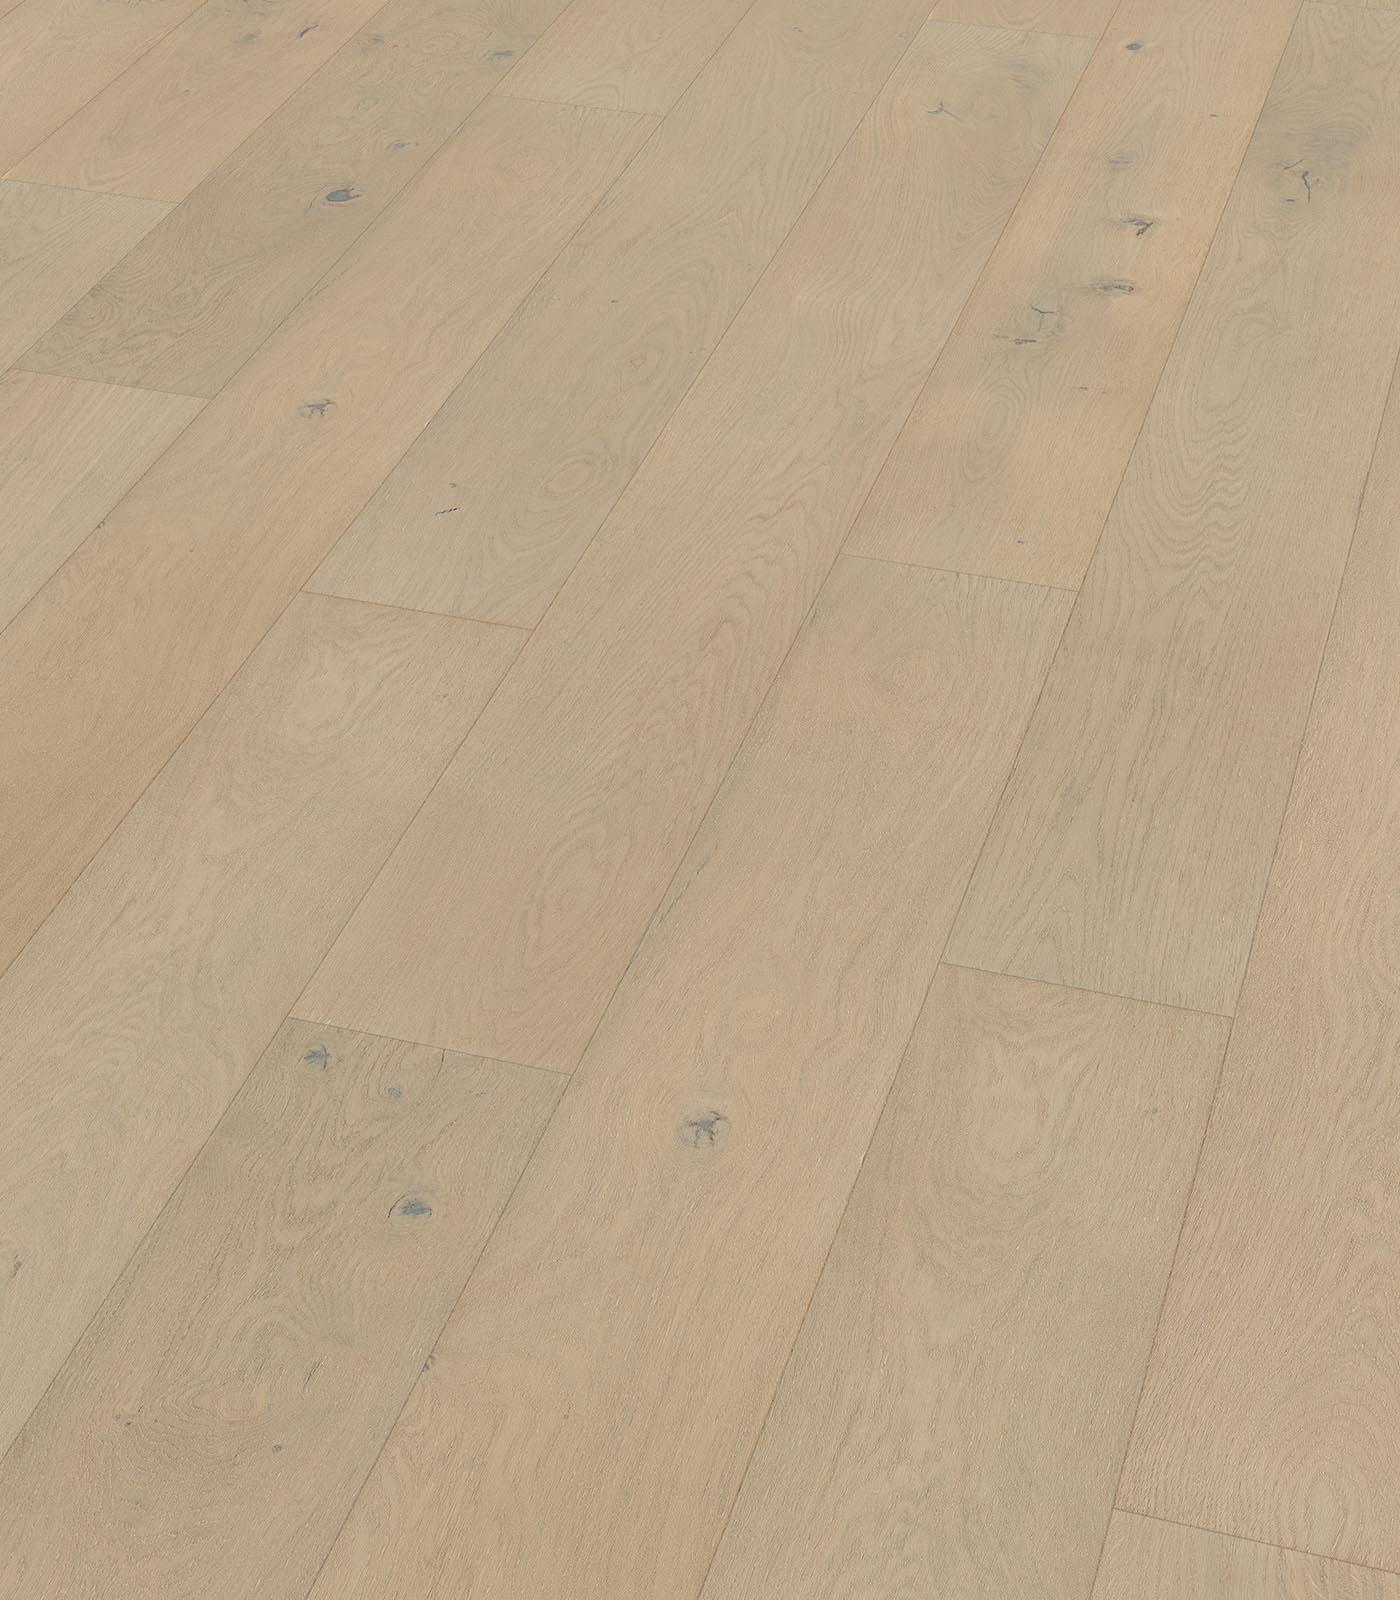 Puerto Rico-Island collection-European Oak floors-angle